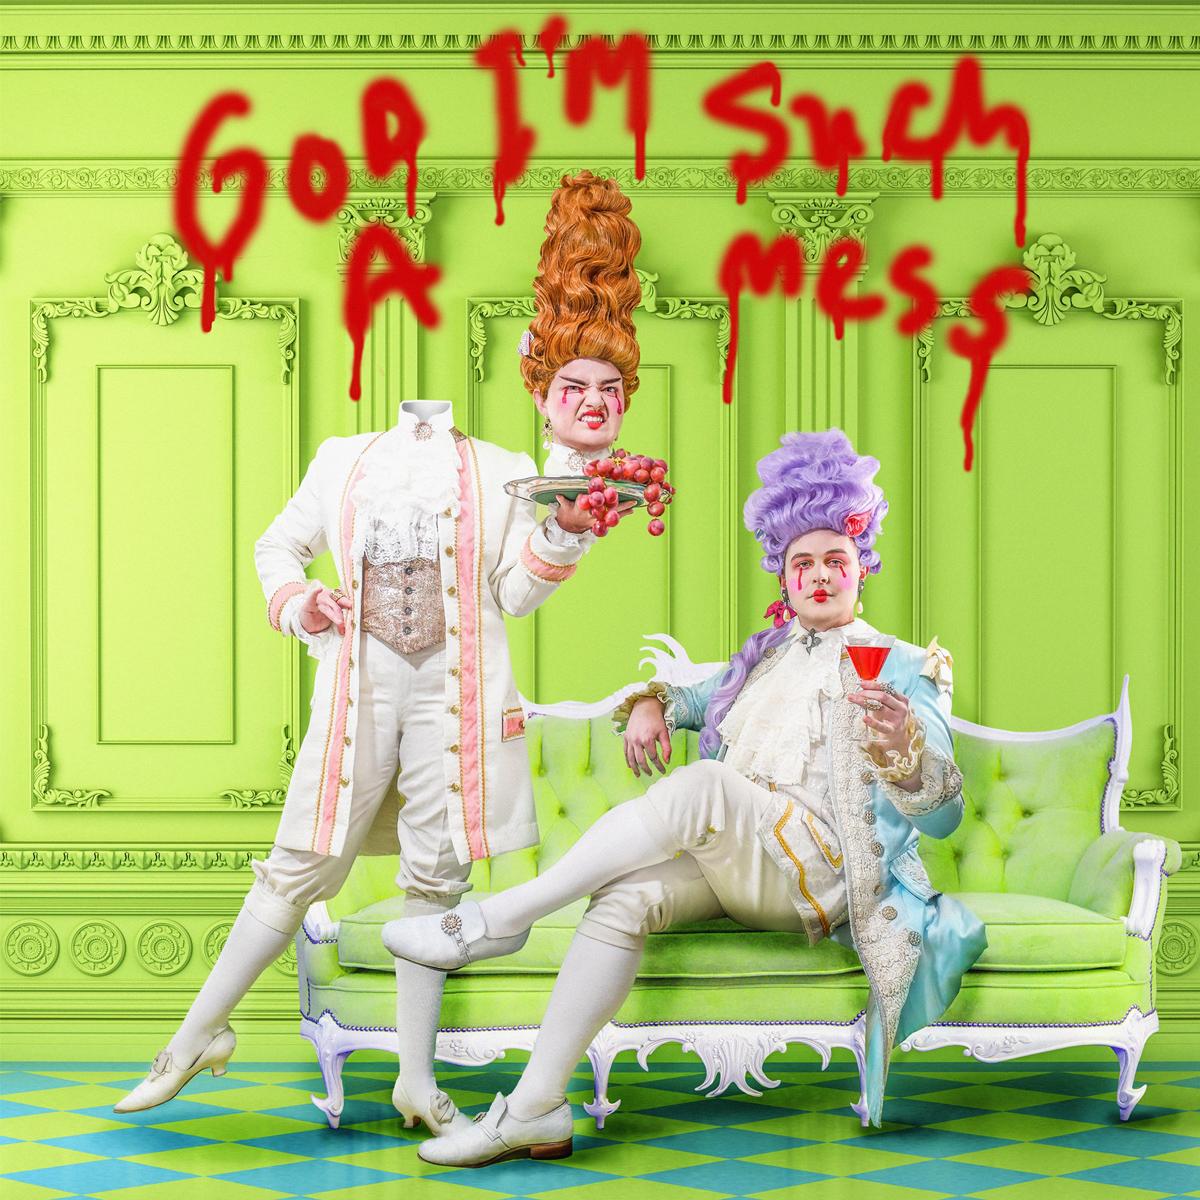 Cry Club new album God Im Such A Mess